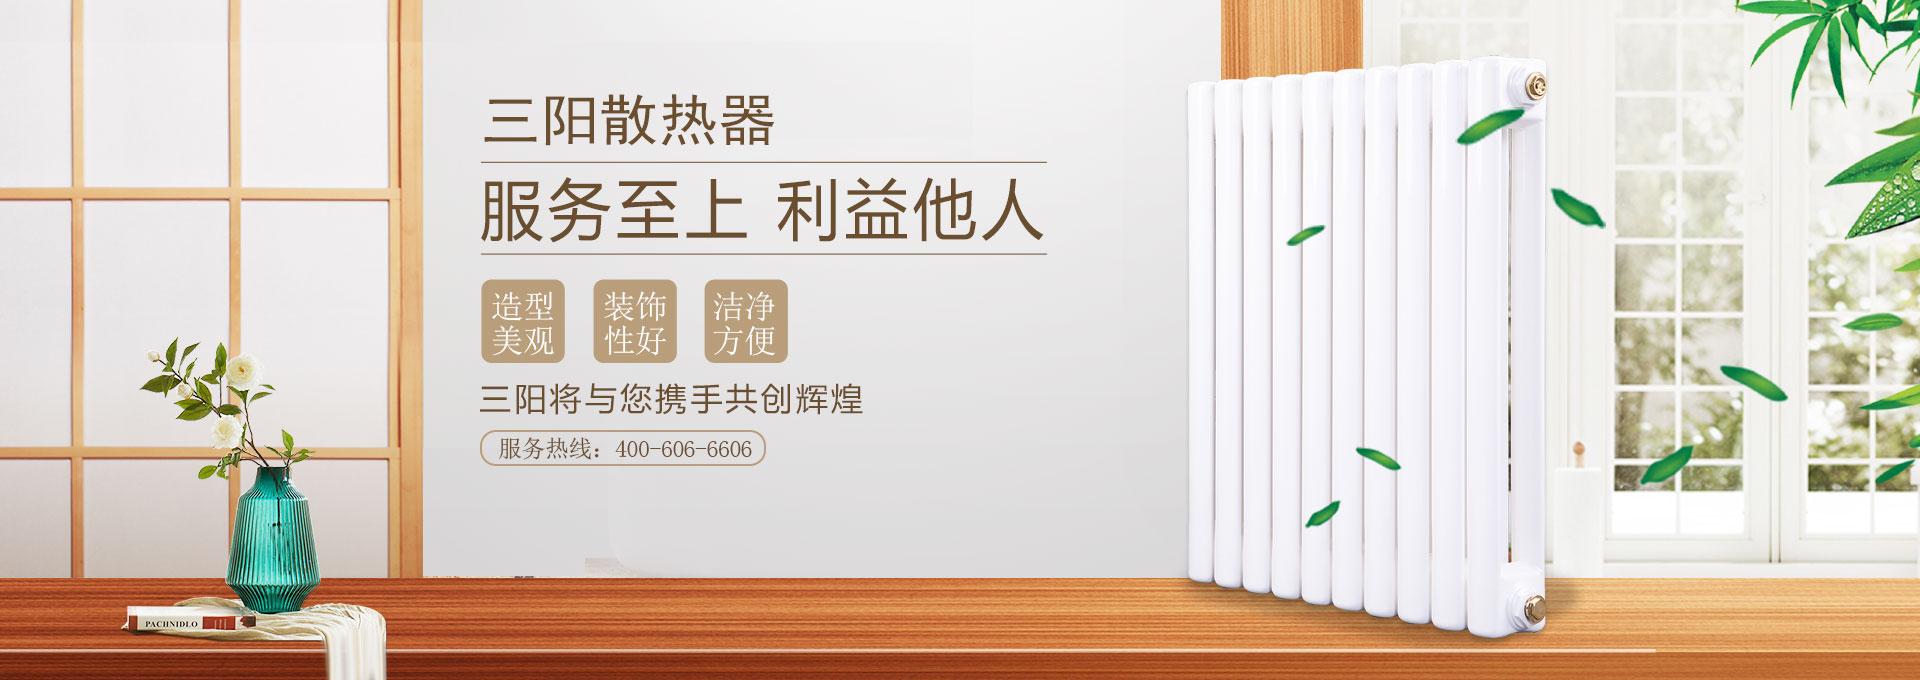 陕西万博手机版网页登录